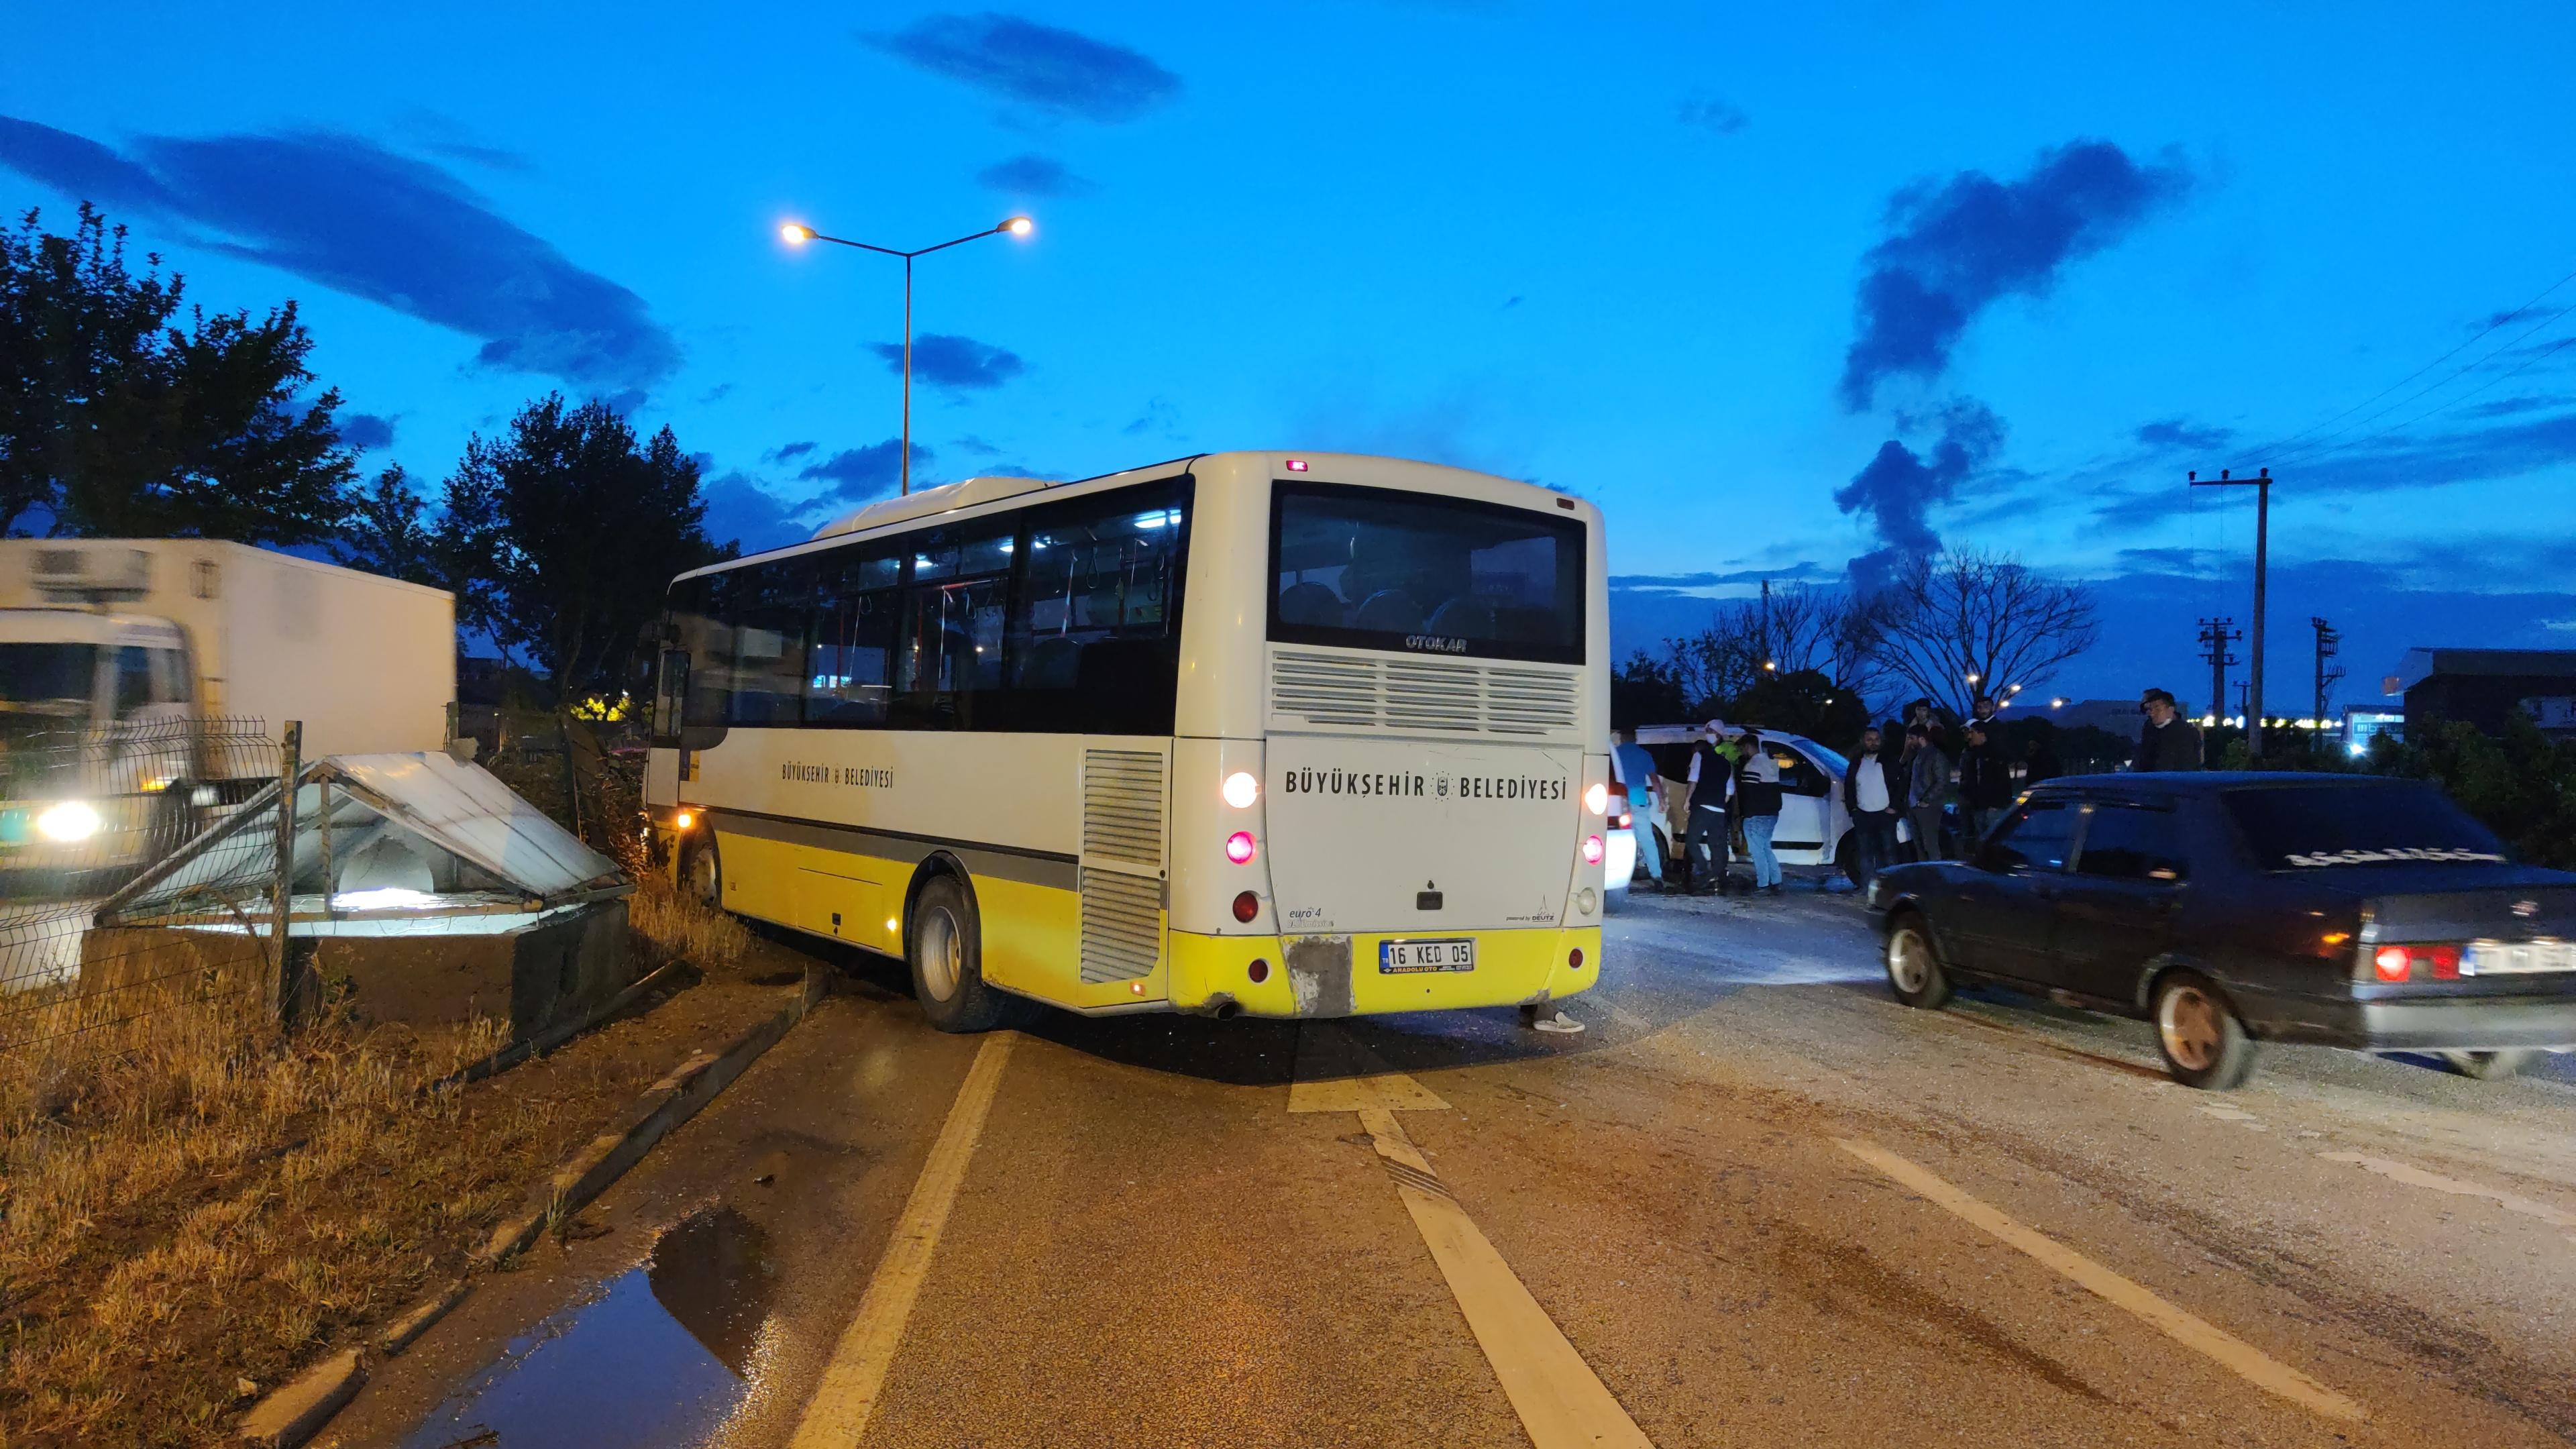 Şehir içi yolcu otobüsü ile hafif ticari araç çarpıştı: 2 yaralı